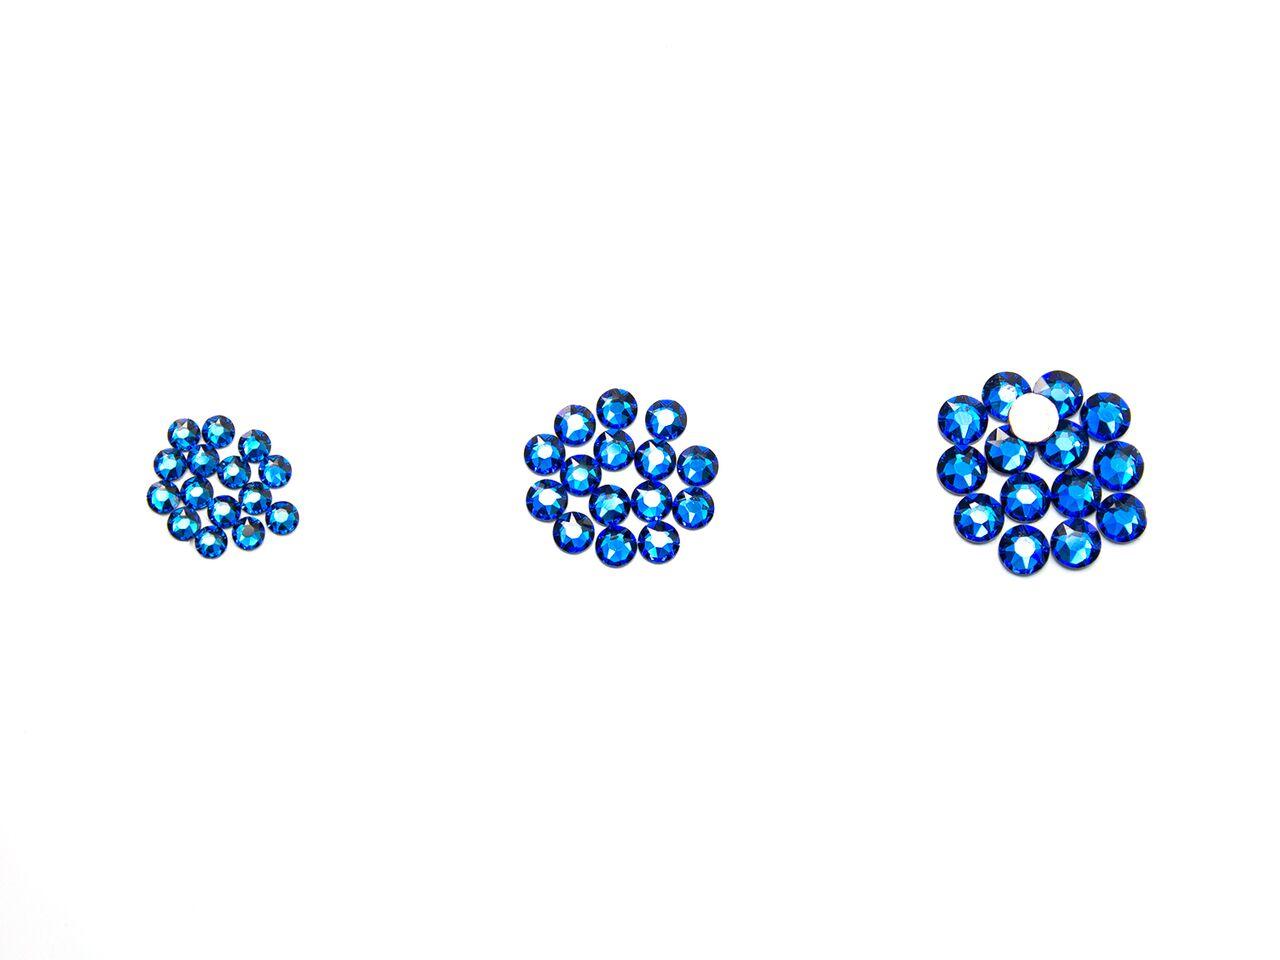 [ワンコイン!]ホットフィックス 3サイズMIXセット!SS12/SS16/SS20 各15粒  スワロフスキー/SWAROVSKI/ラインストーン/スワロ/アイロン/デコ:スワロフスキー通販 デコダリア